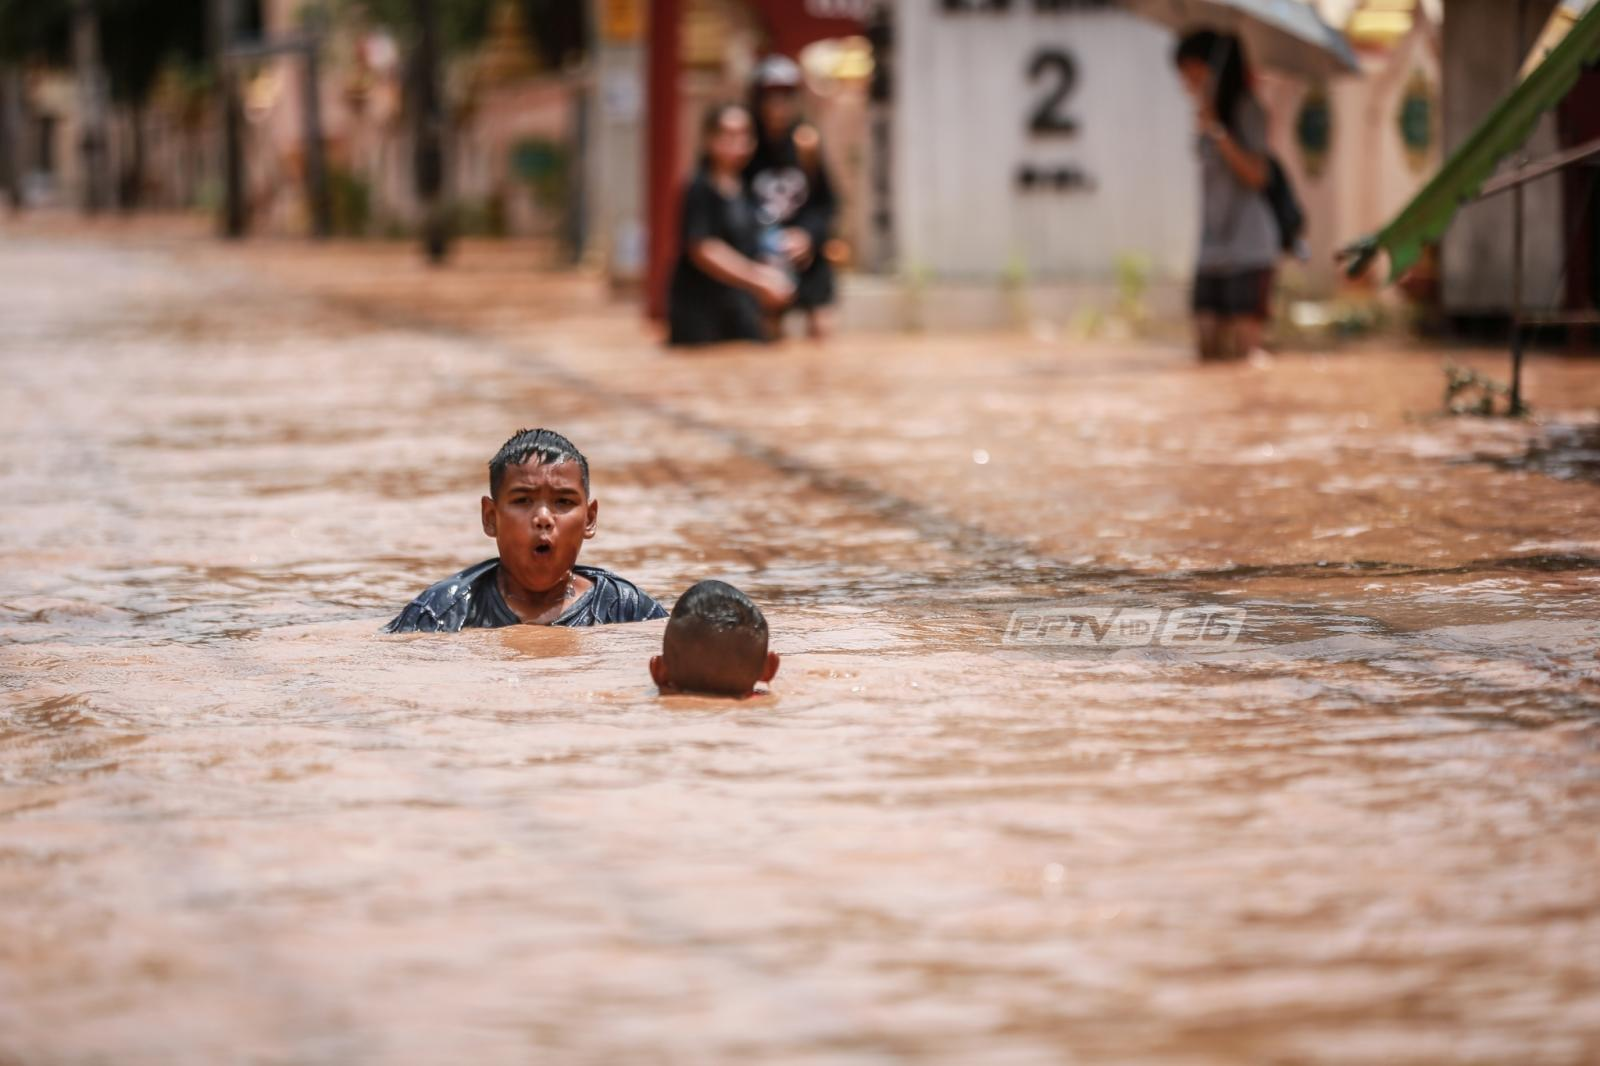 ผู้ประสบภัยน้ำท่วมต้องระวัง 3 โรคภัยที่มากับสายน้ำ